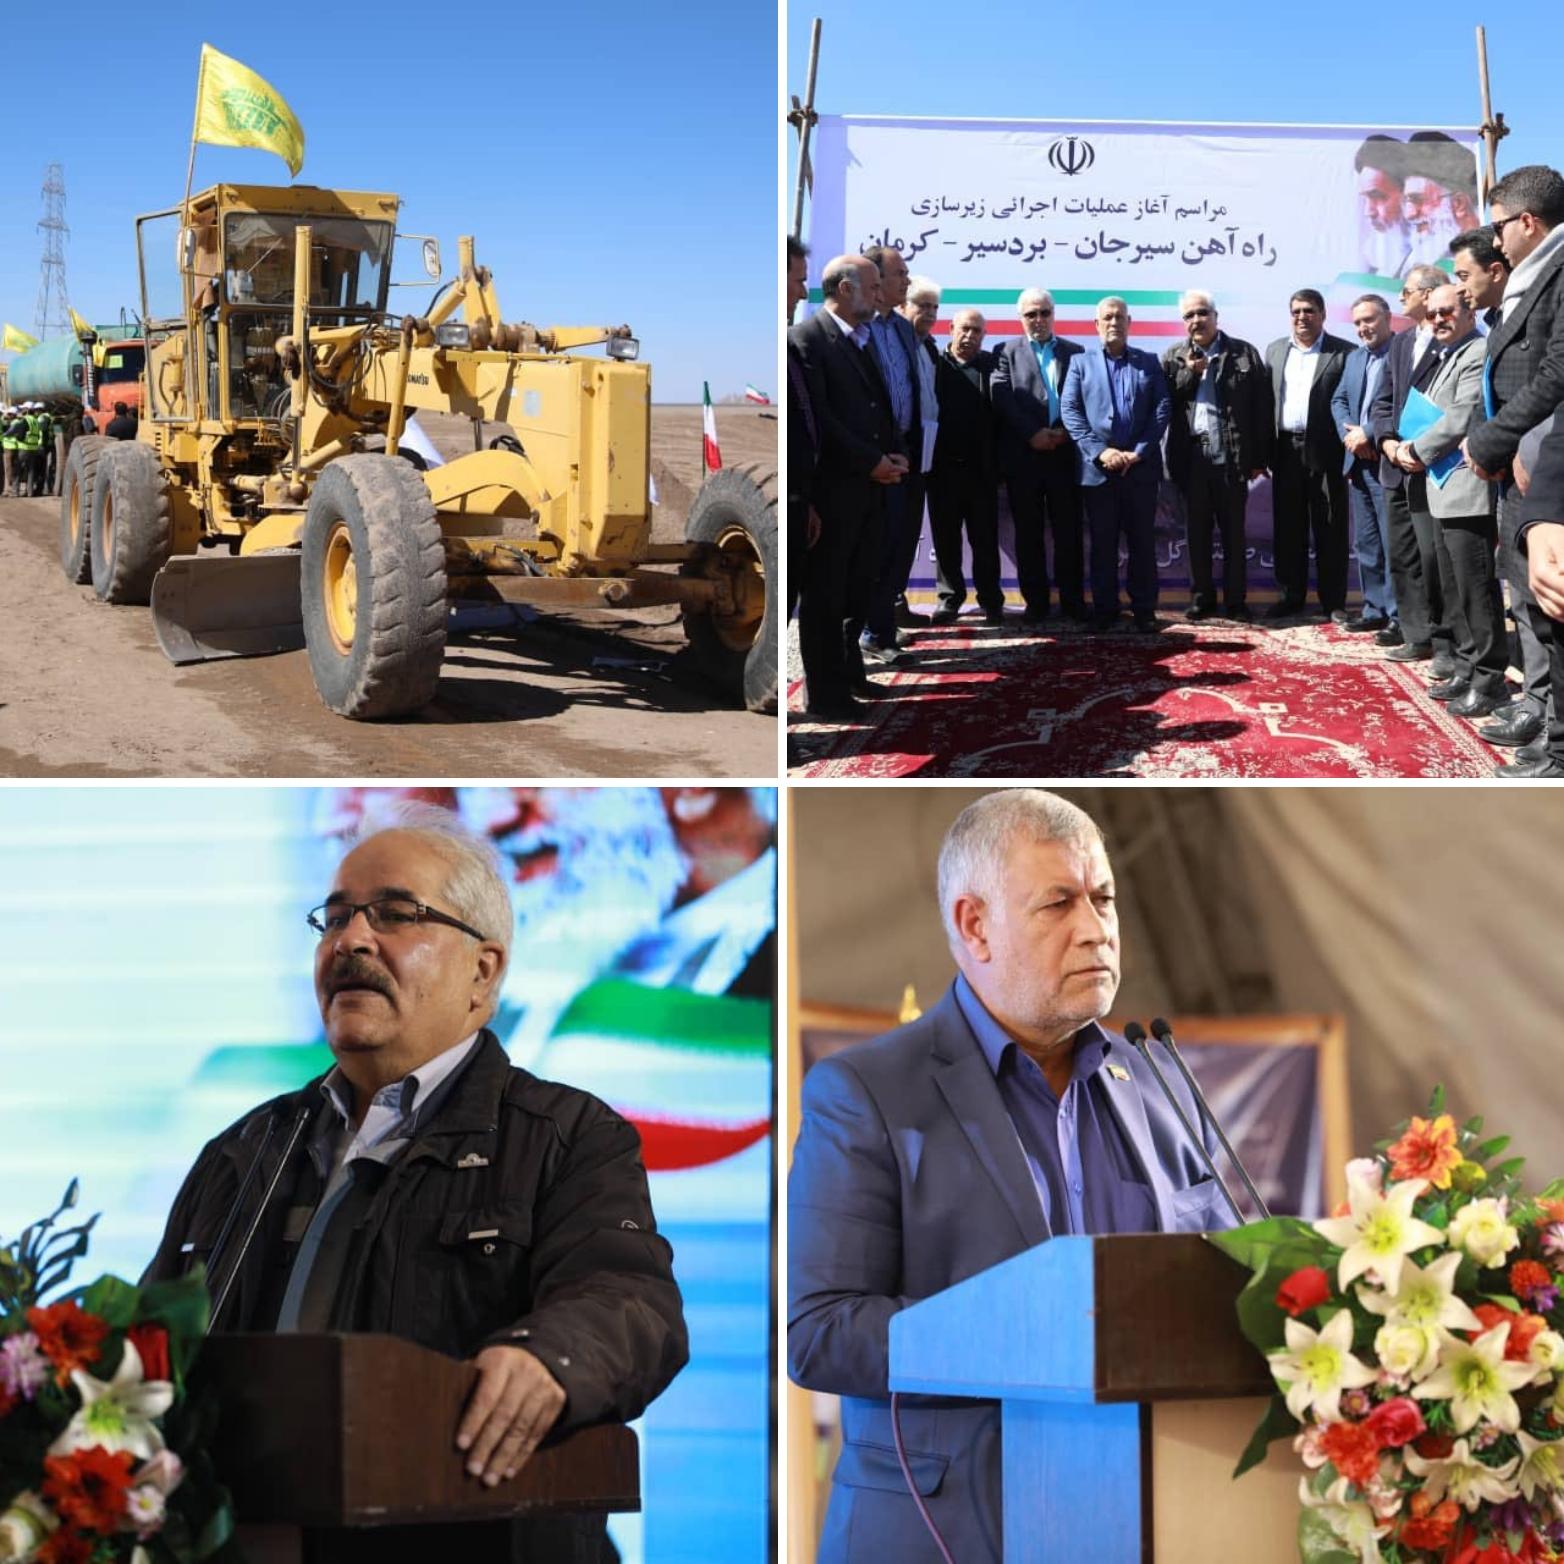 پروژه خط ریل سیرجان-بردسیر-کرمان وارد فاز اجرایی شد